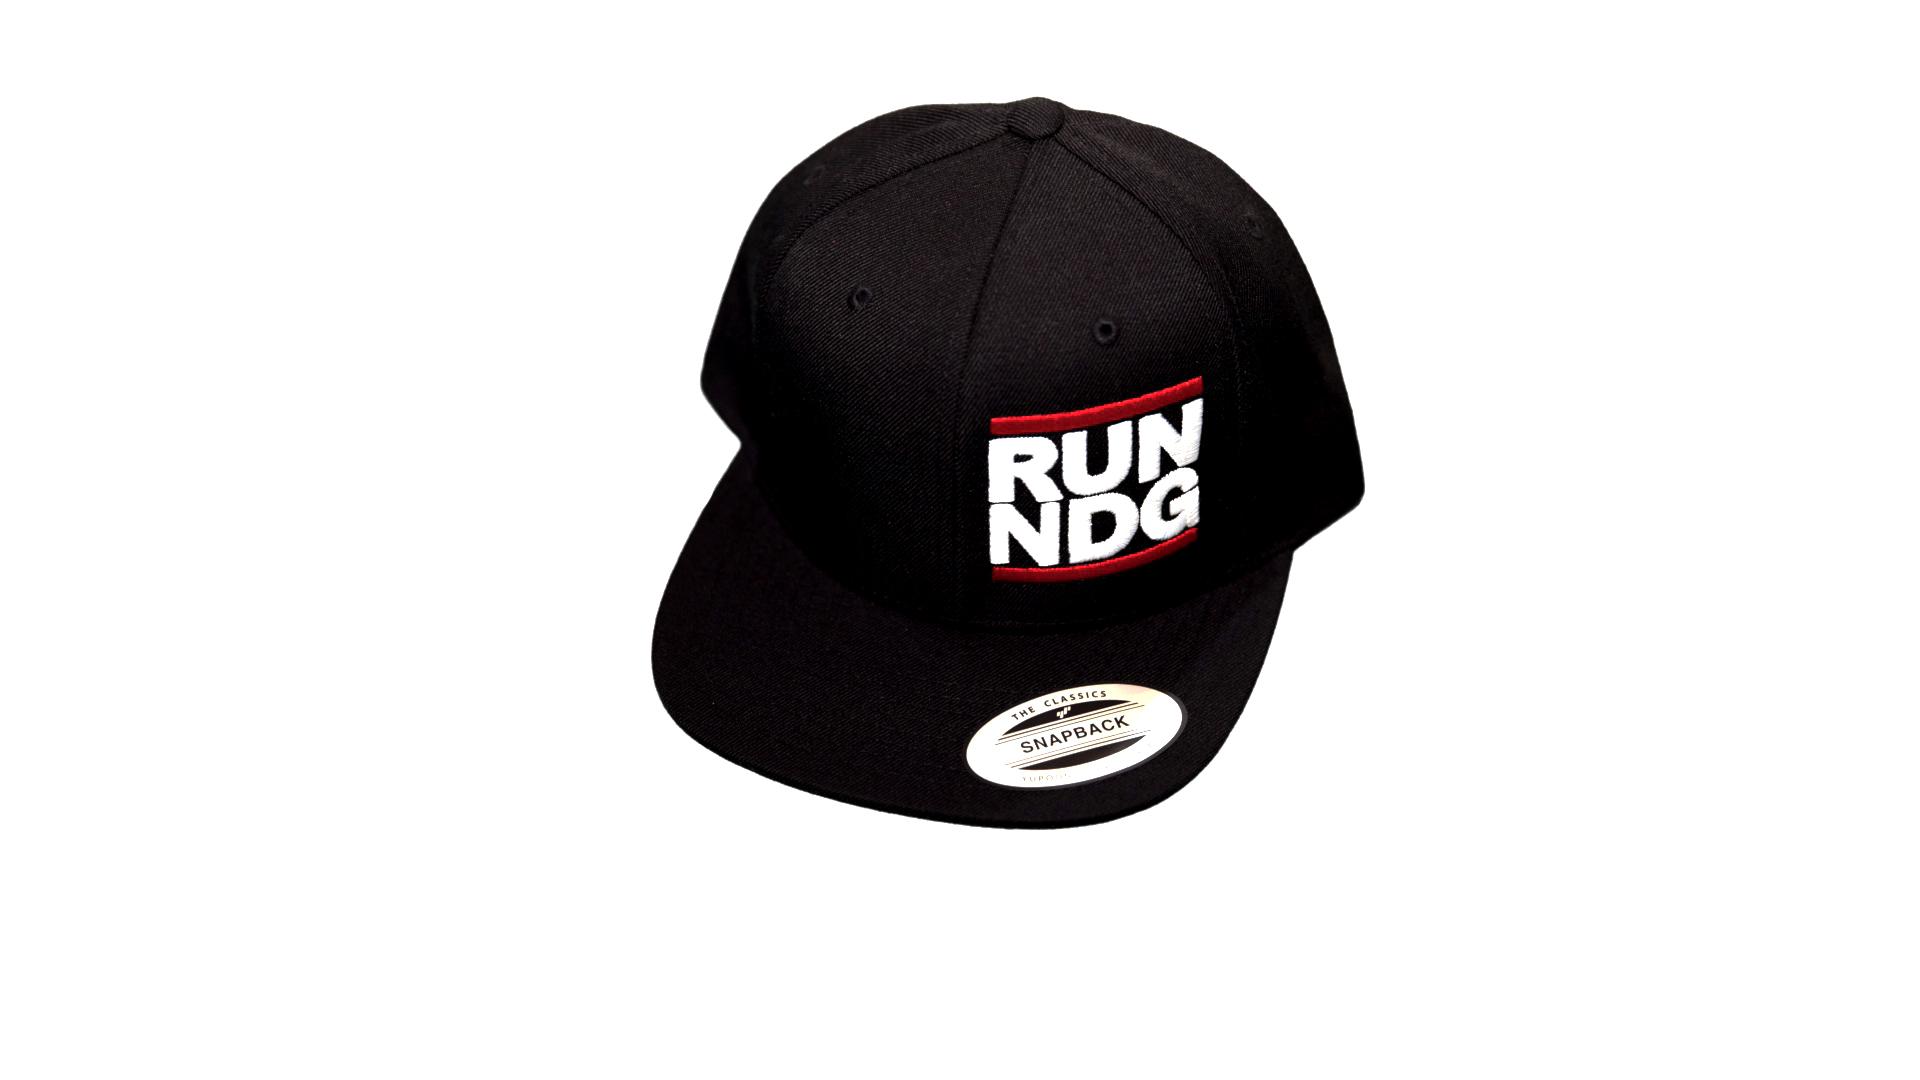 RunNDG19 copy.jpg